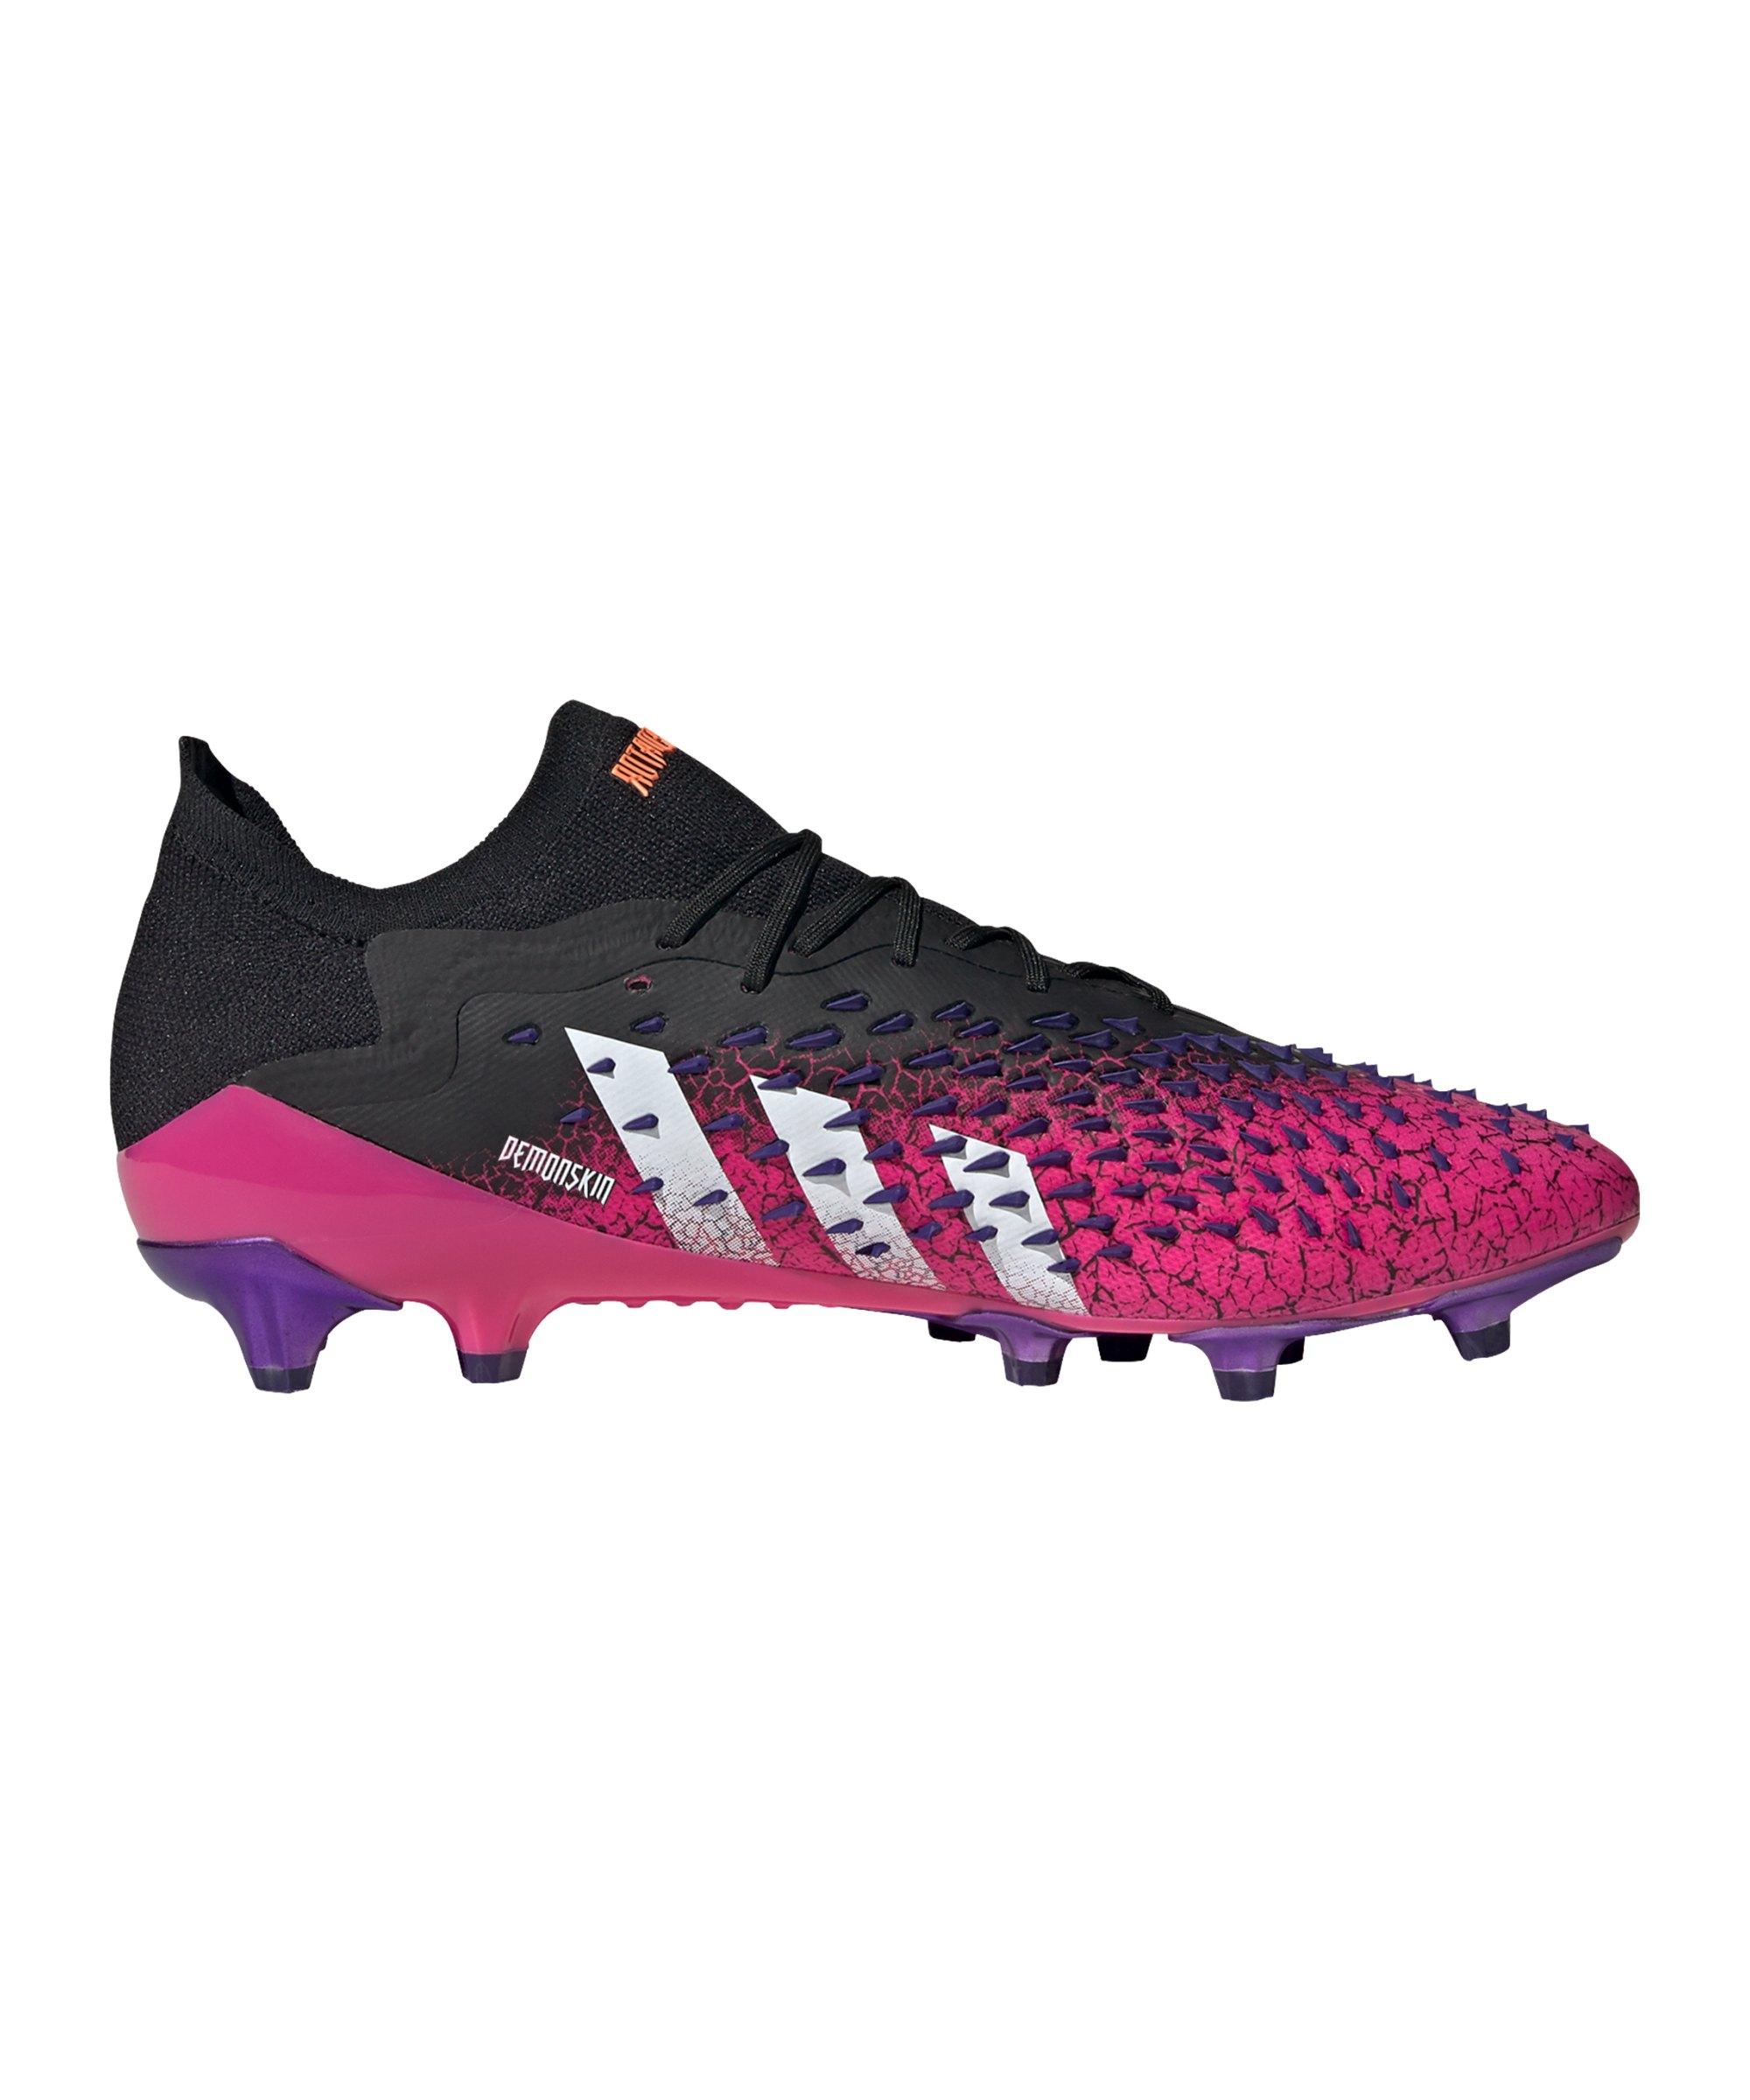 adidas Predator FREAK.1 L AG Superspectral Schwarz Weiss Pink - schwarz